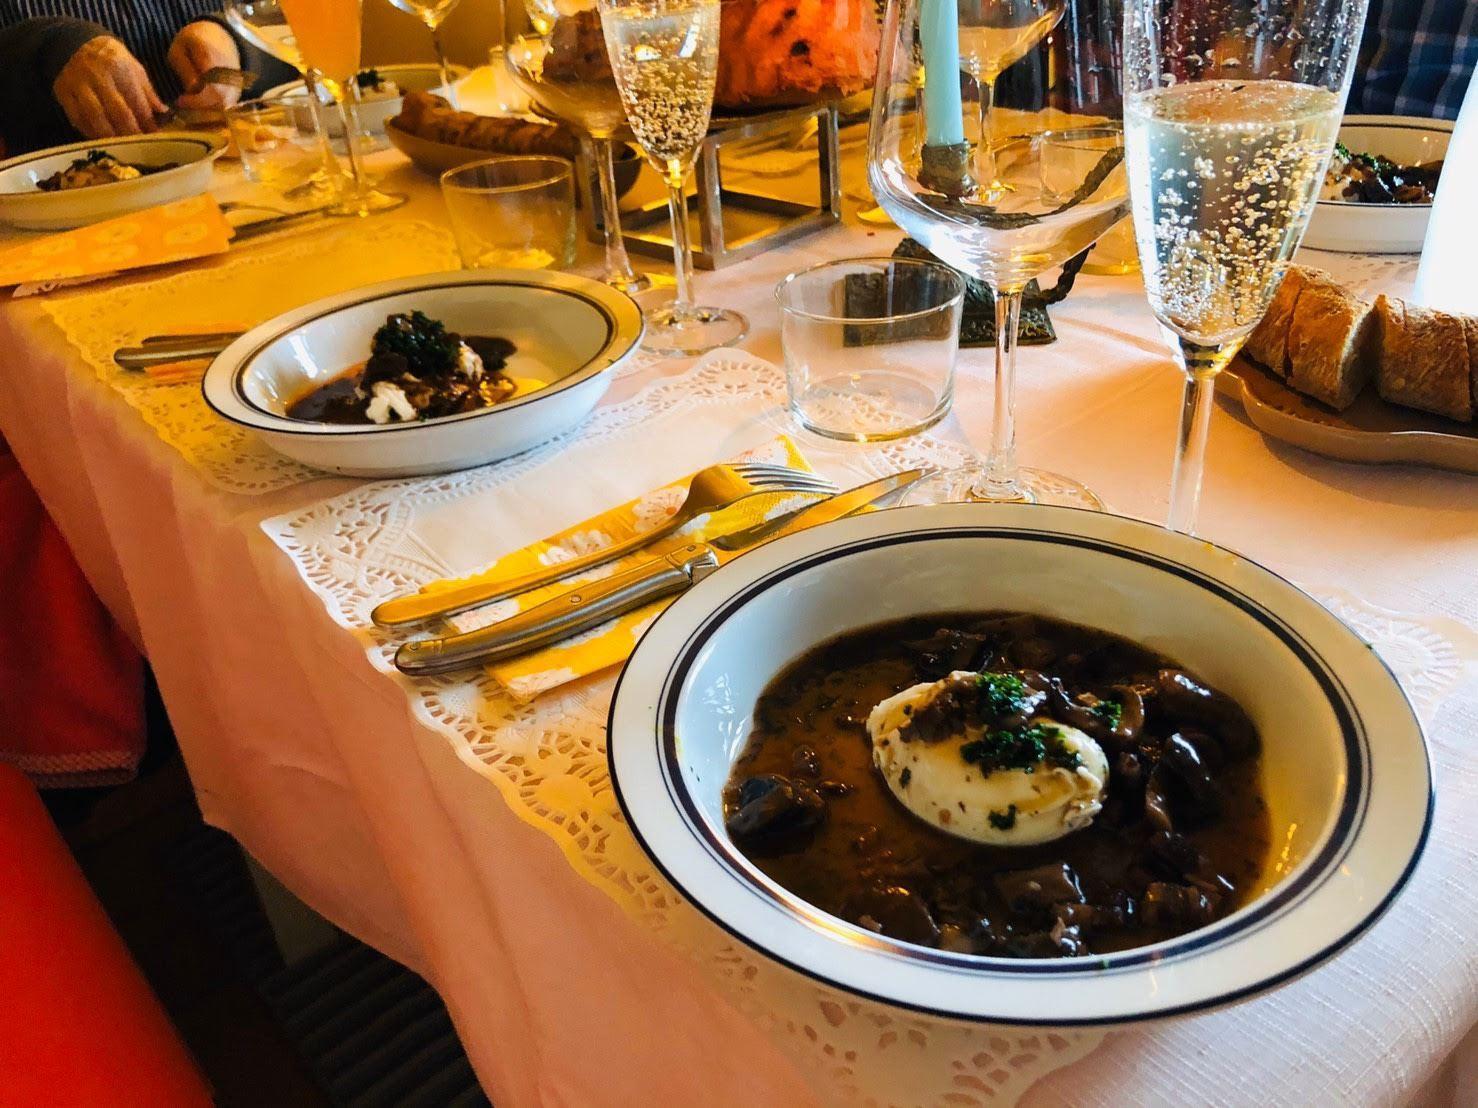 レストラン流、美味しいステーキの焼き方を習いました【サン・ファソン 本多シェフに習うフレンチ】_b0345136_20091586.jpg